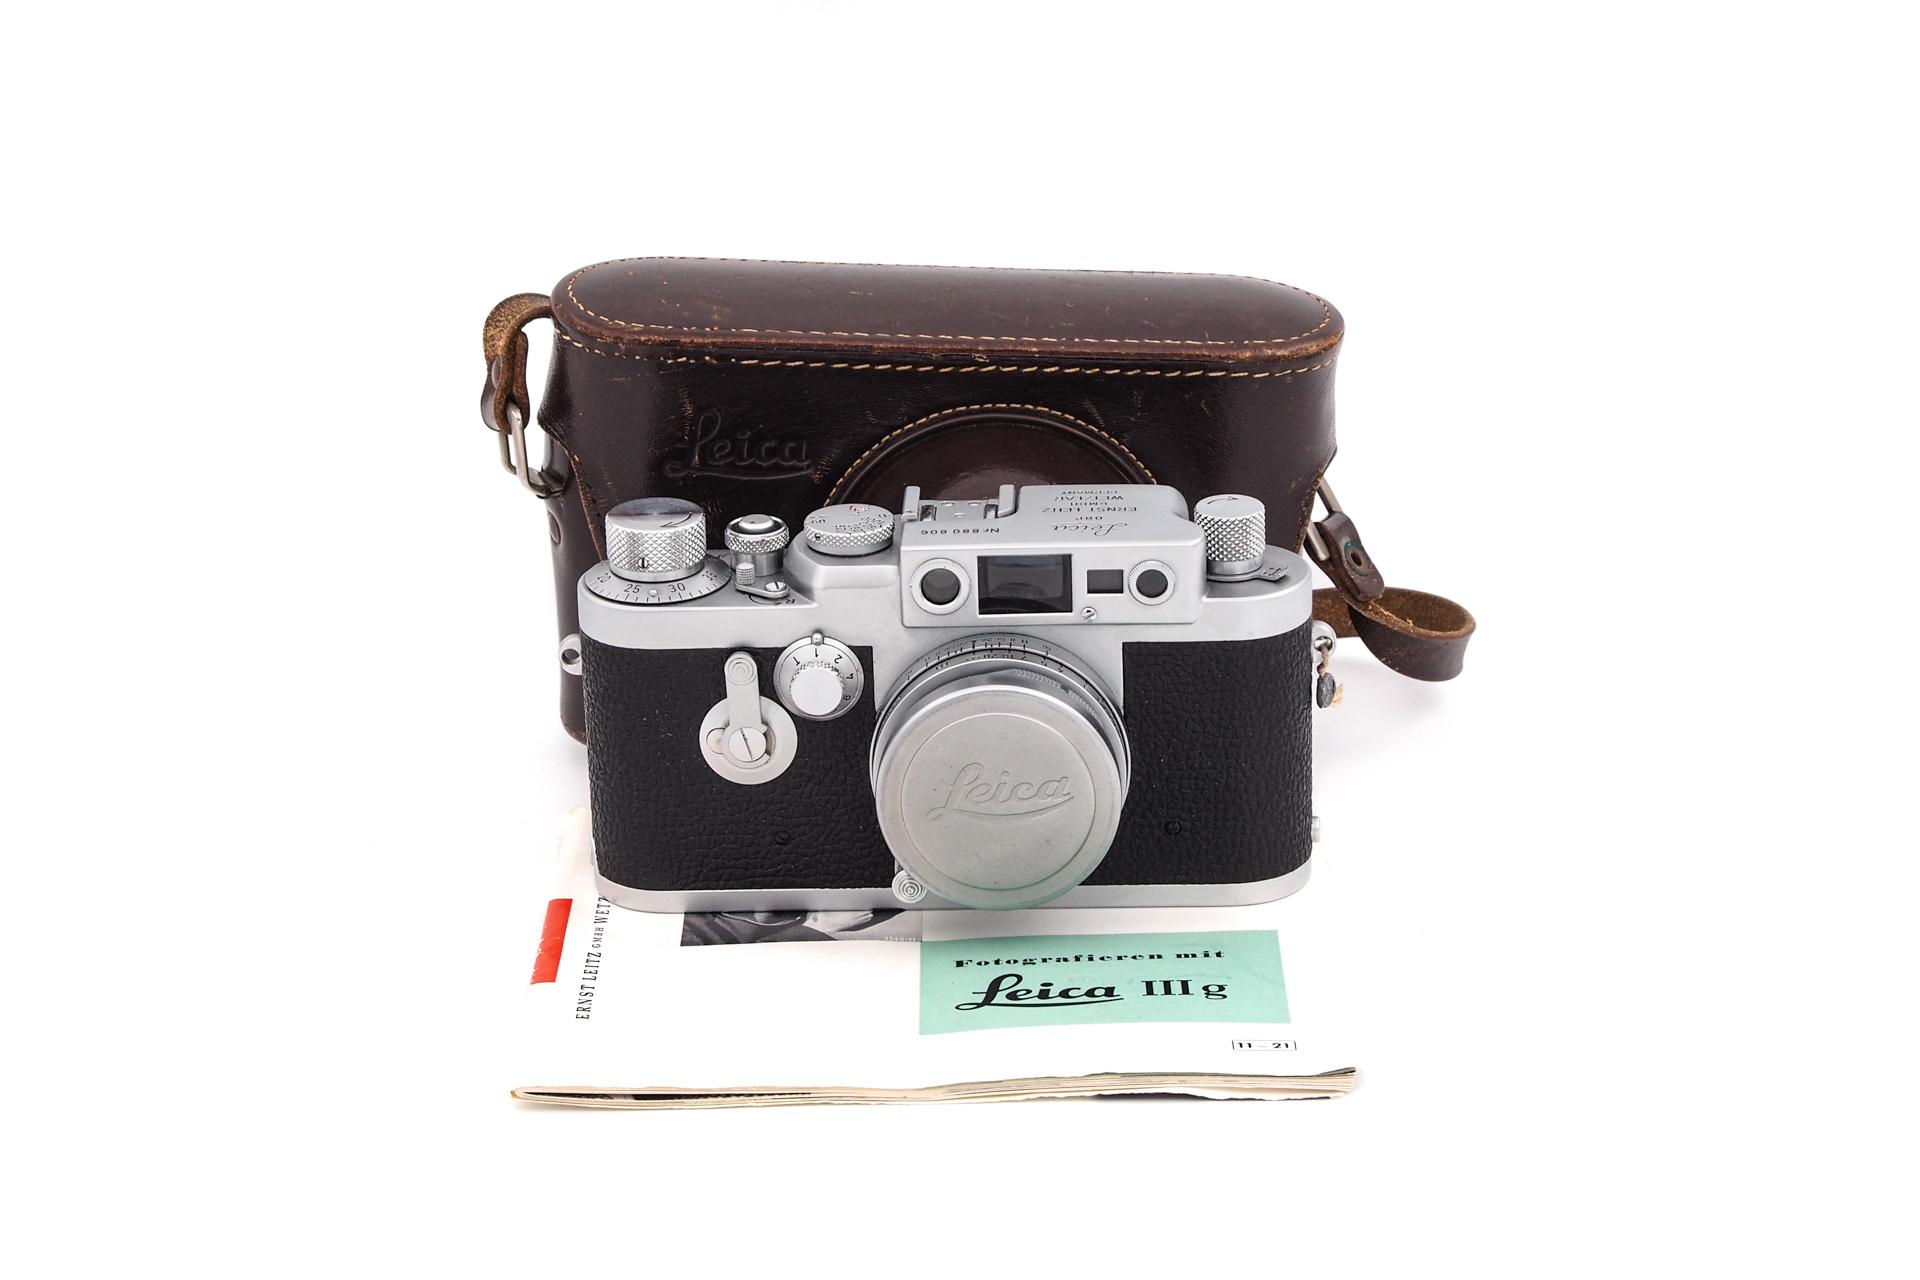 Leica IIIg + 50mm F/2.8 M39